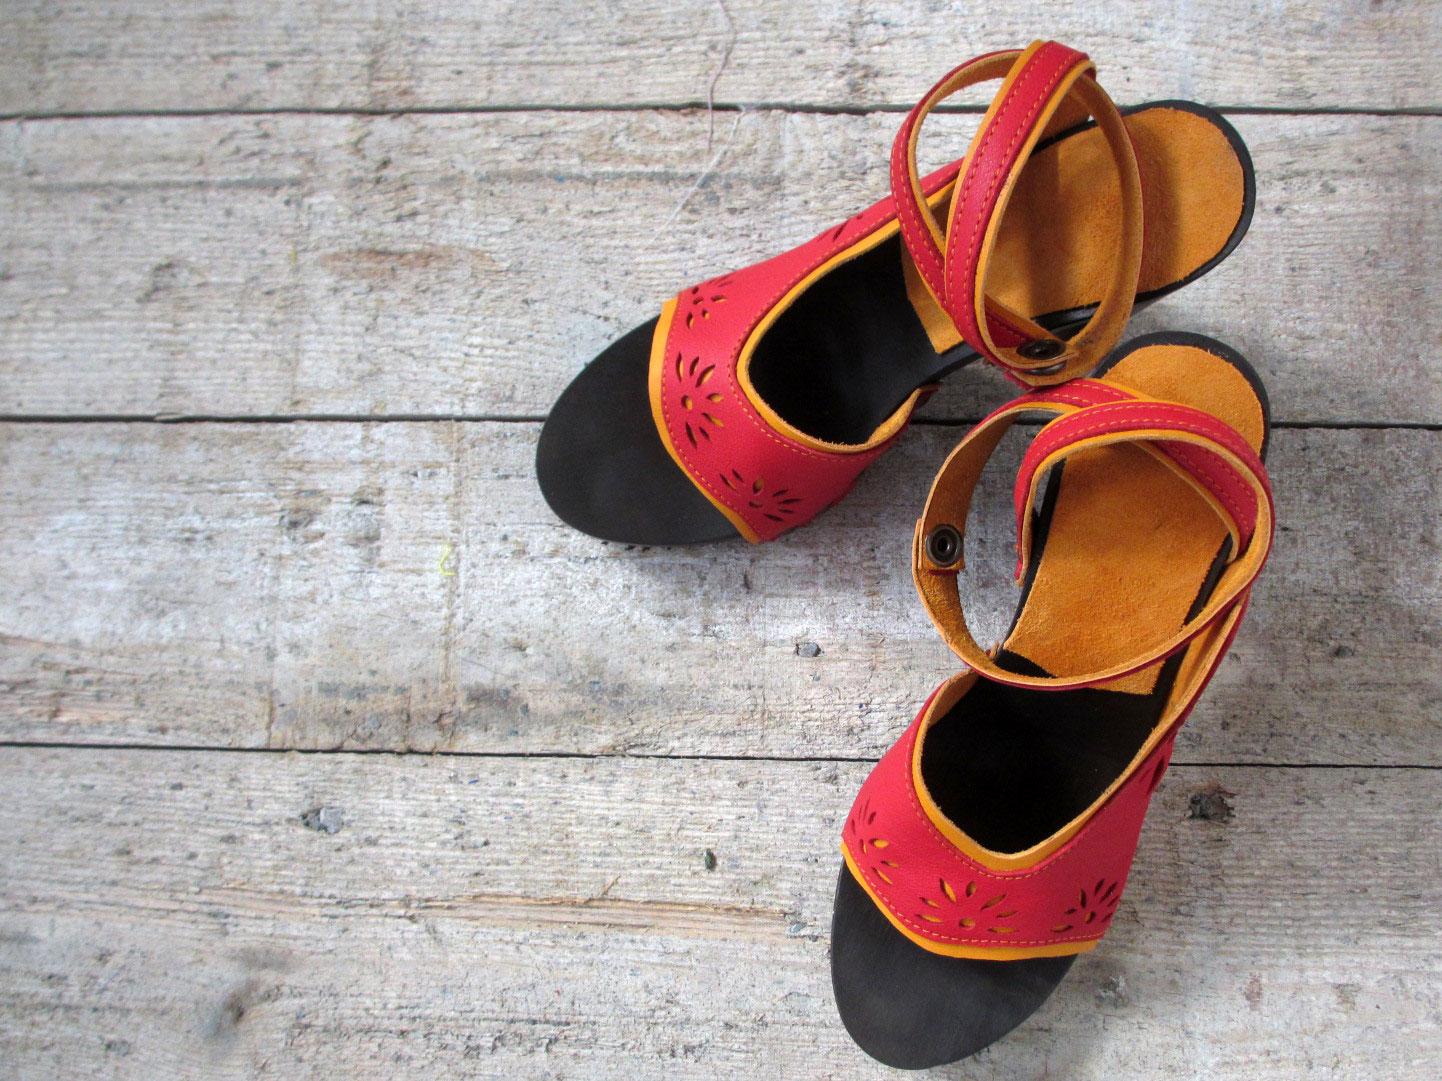 41da426ea322 photo stoute-schoenen-workshop-0 zps128bedb2.jpg